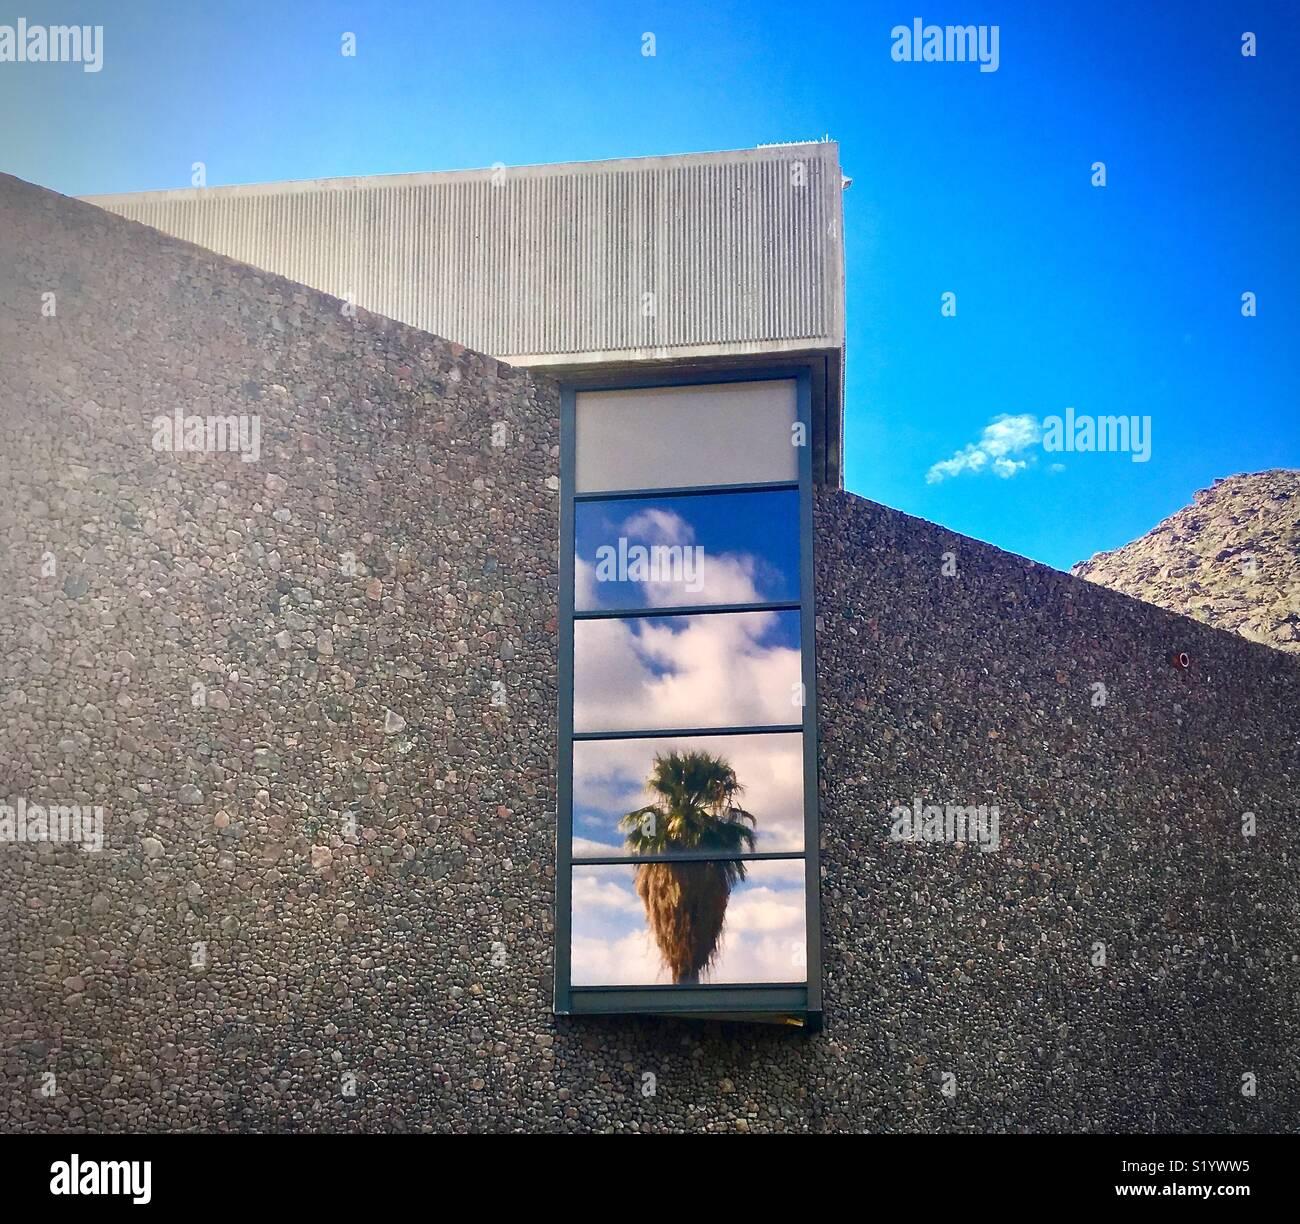 Réflexion palmier dans la fenêtre de construction moderne en béton Photo Stock